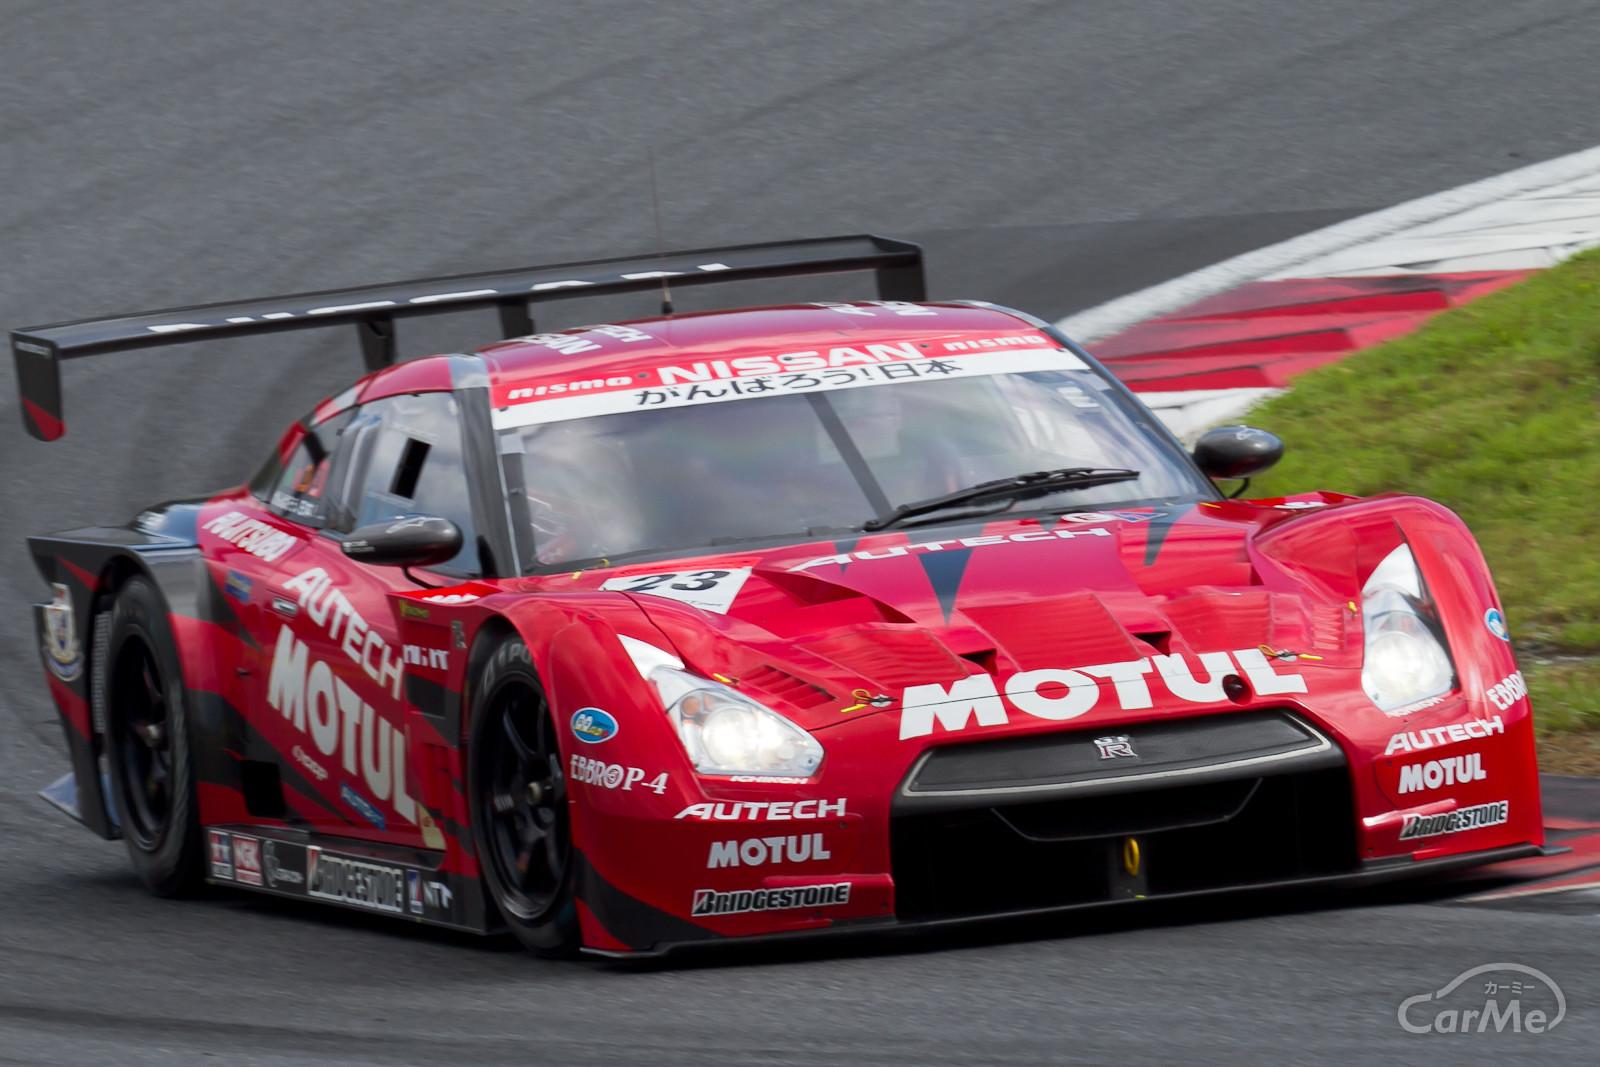 盗んだ日産GT-Rでレース制覇の大学生逮捕…!愛車を盗まれないためには?